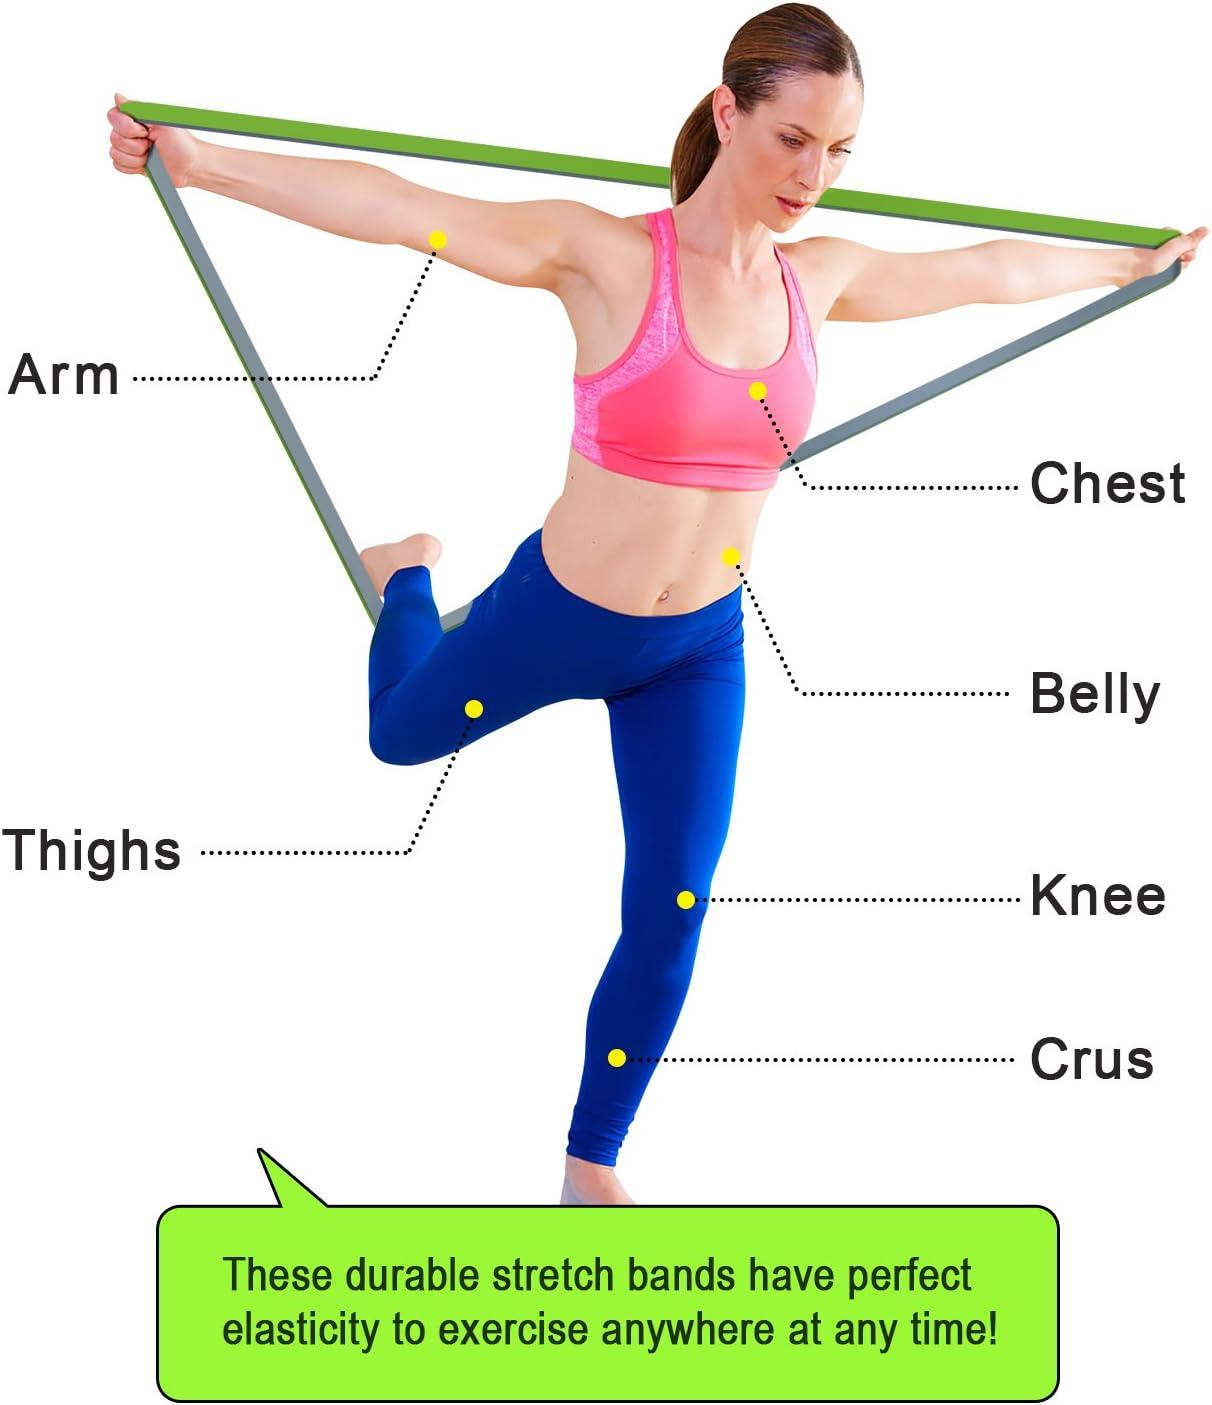 Elastique d/'Entra/înement Corps Jambes Traction 4UMOR Bande de R/ésistance Musculation en Latex Bande d/'Exercice pour Fitness Fessiers Yoga Crossfit Homme//Femme